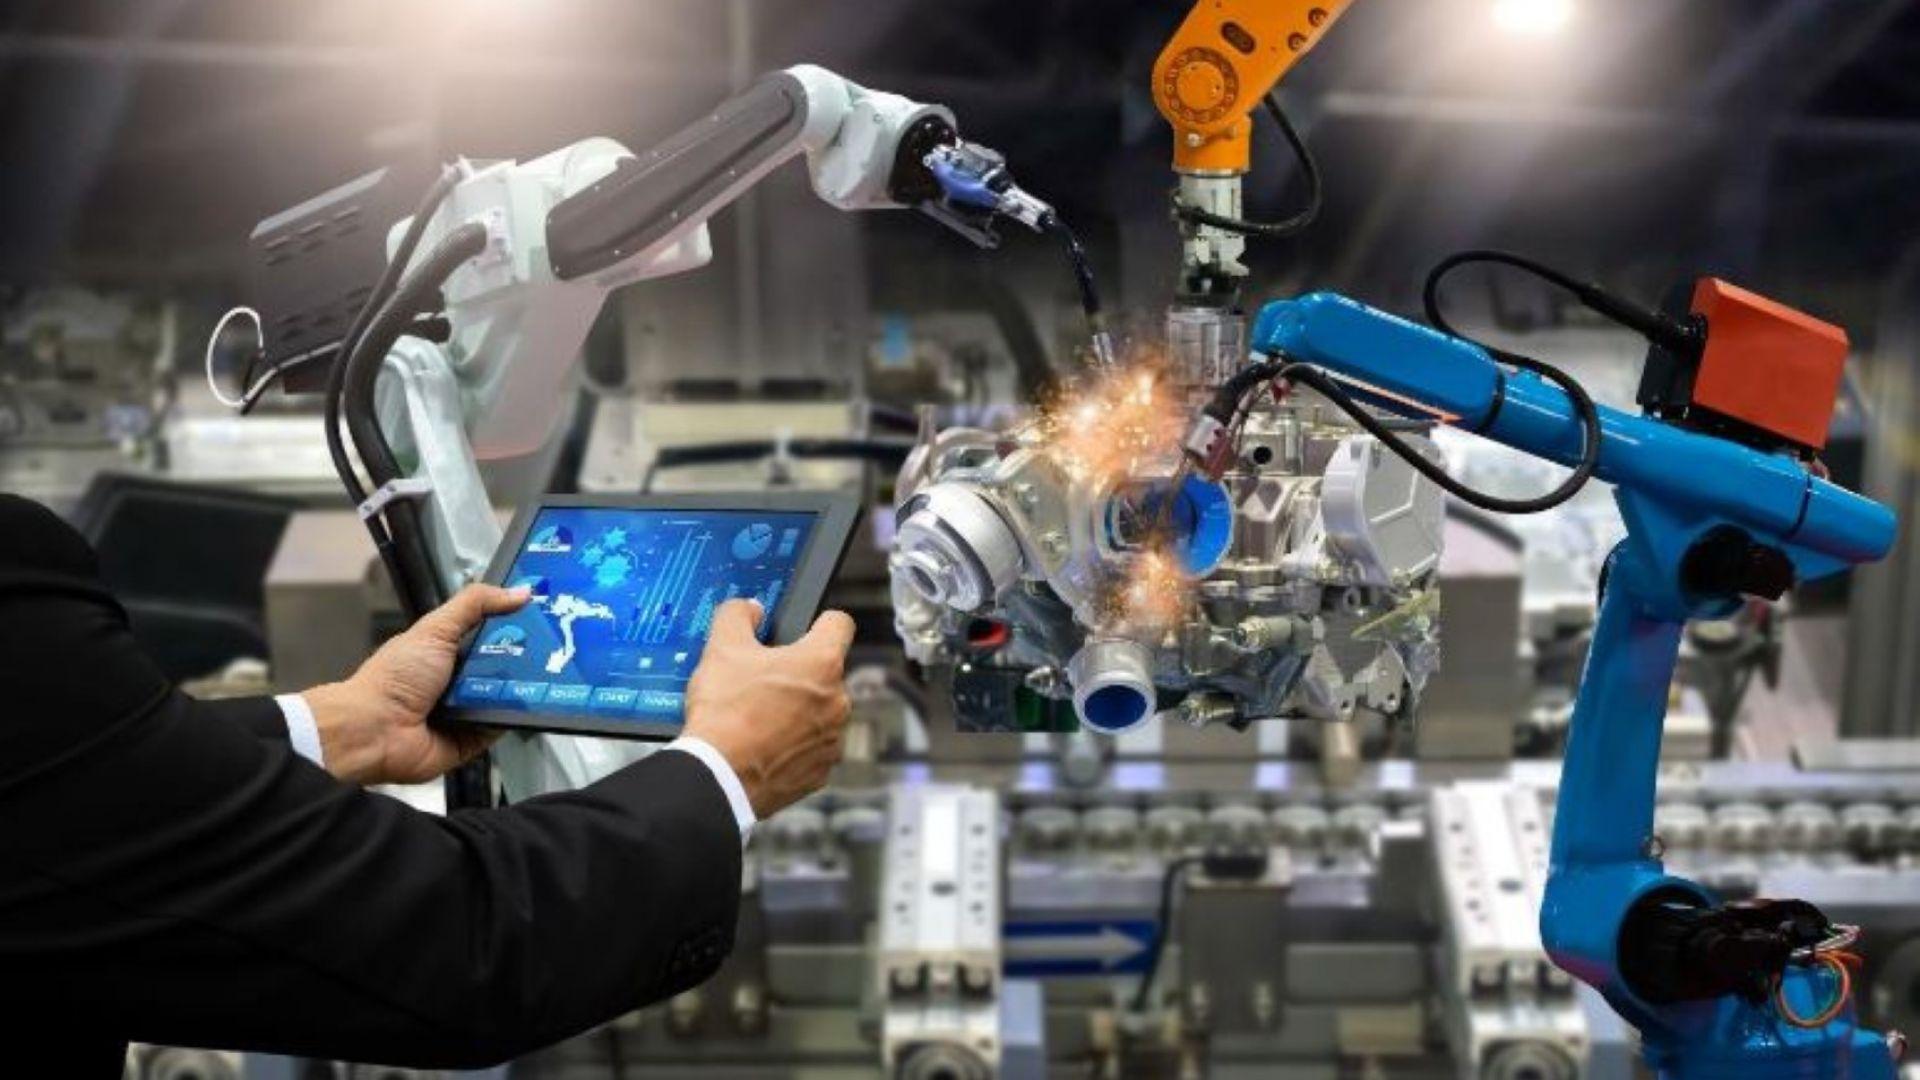 До 2025 половината от работните позиции ще бъдат заети от машини